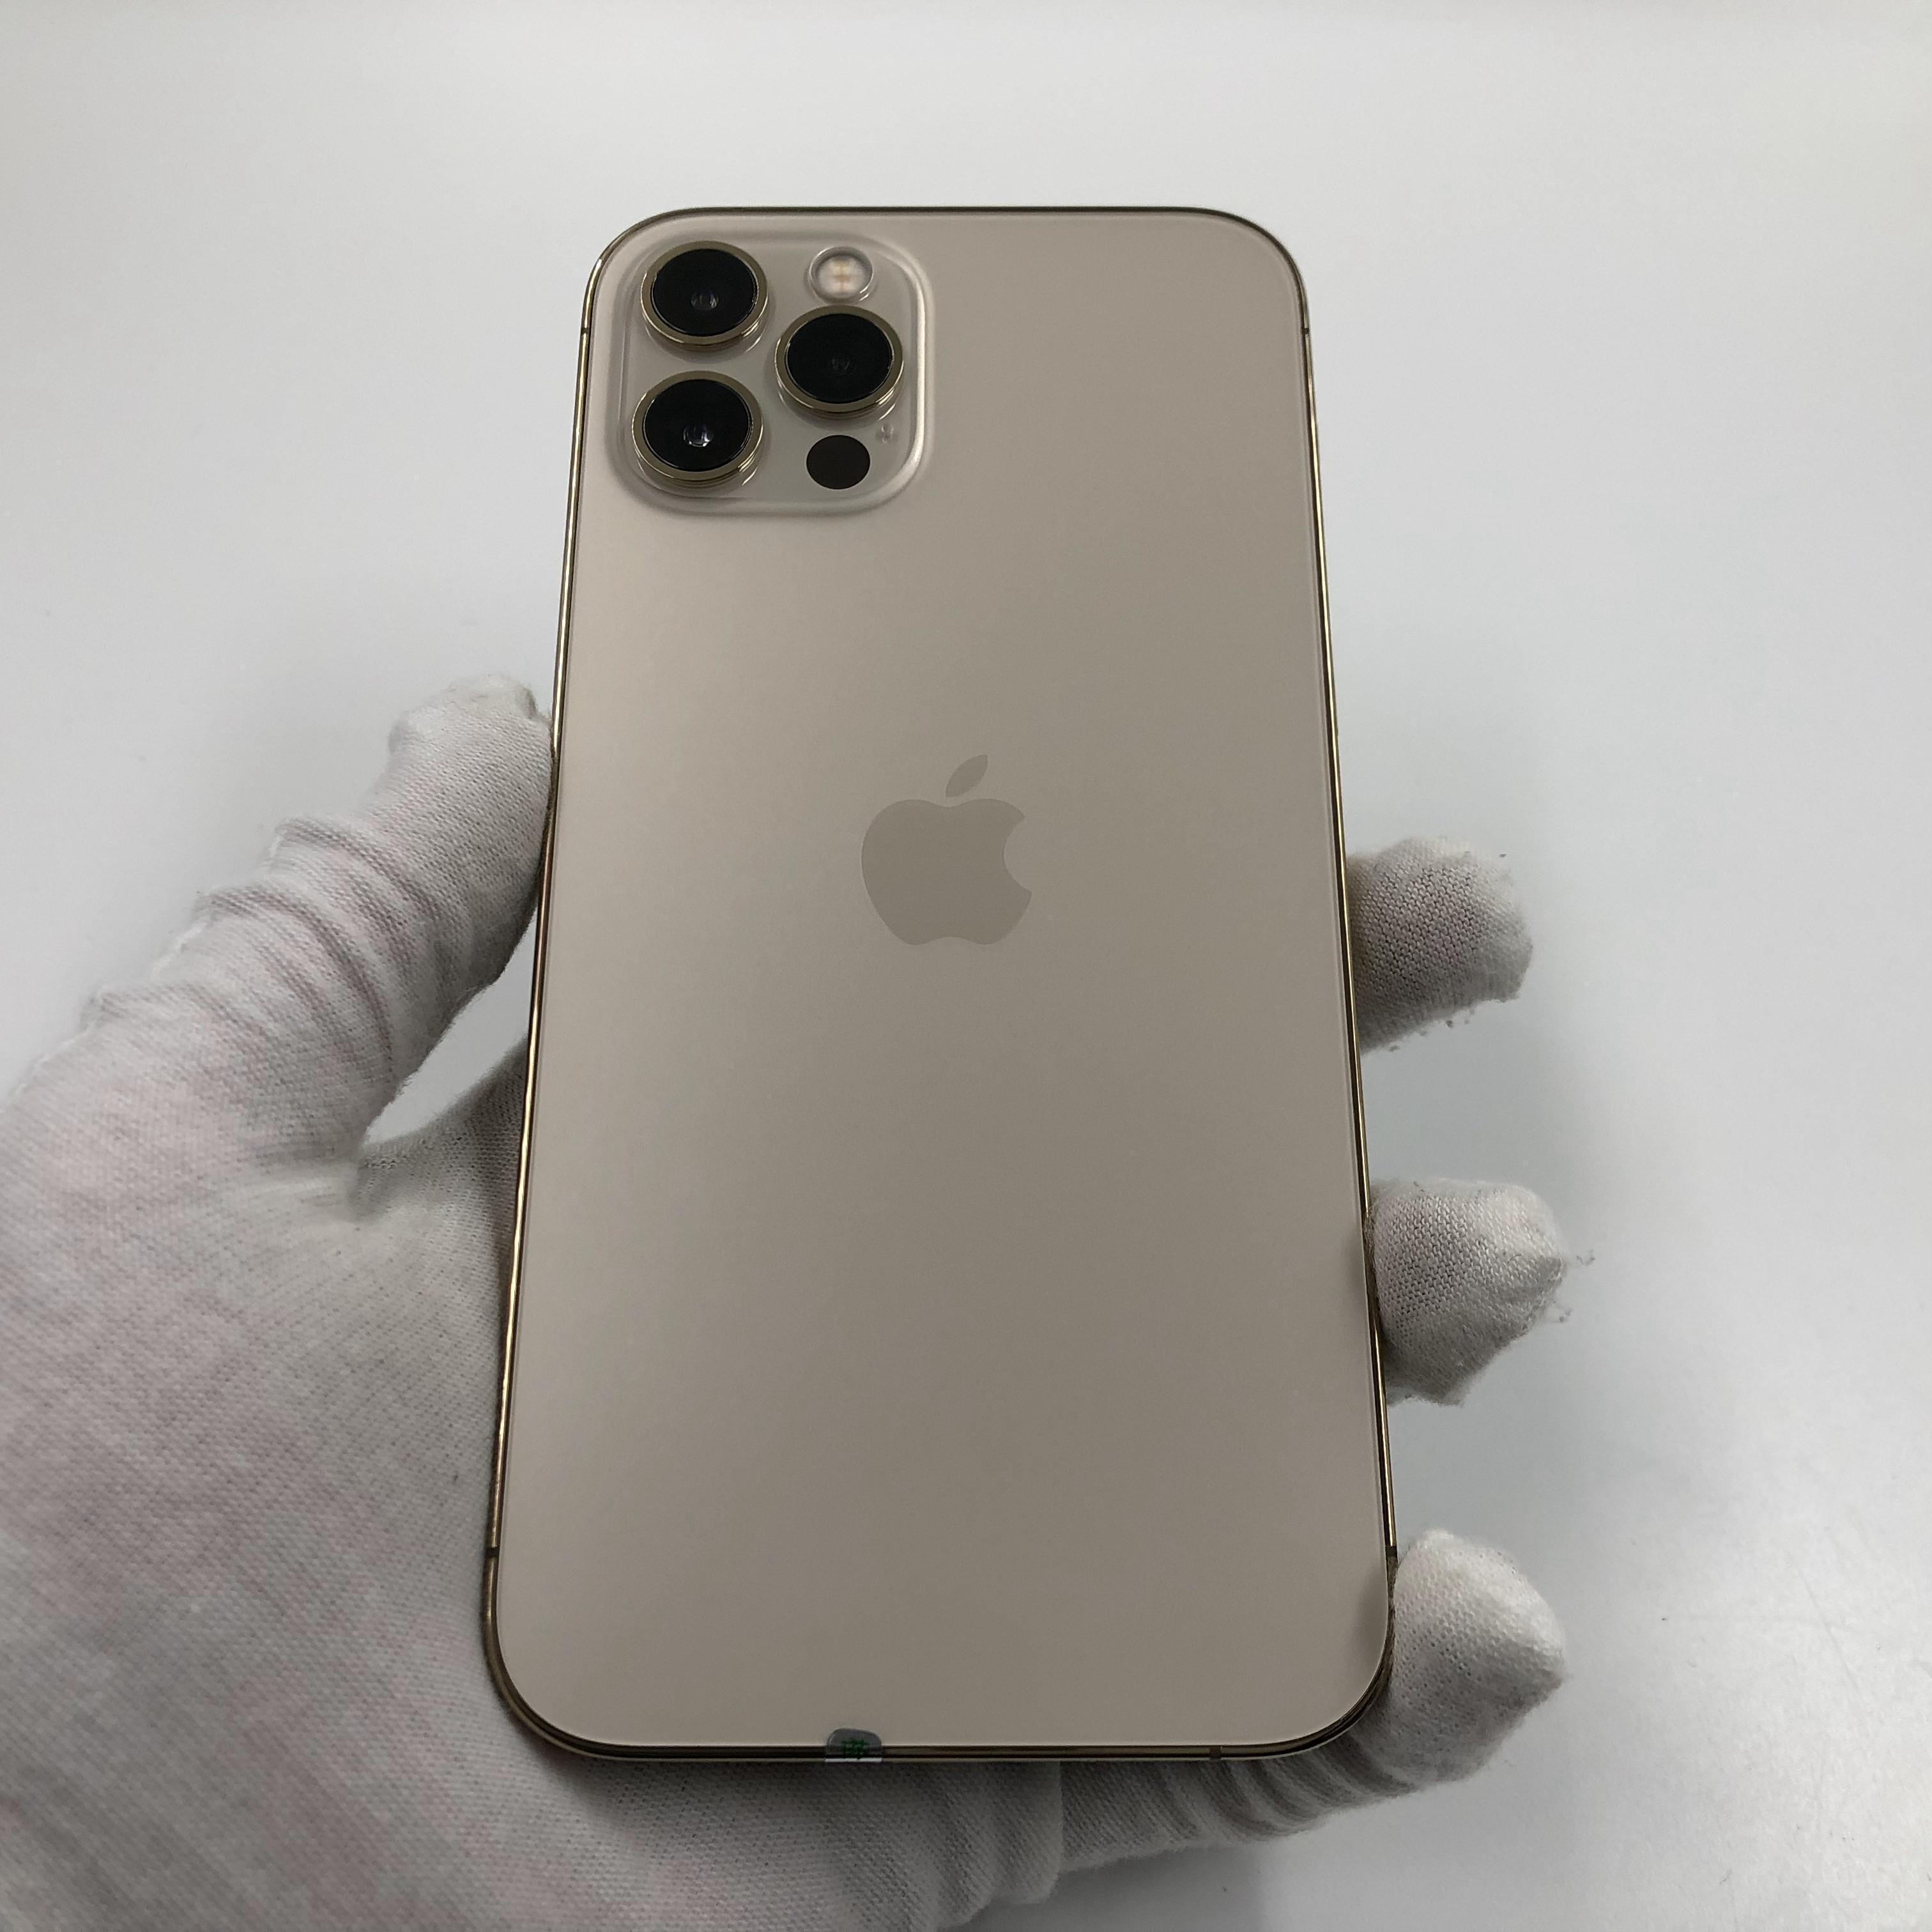 苹果【iPhone 12 Pro】5G全网通 金色 128G 国行 99新 真机实拍官保2022-02-25